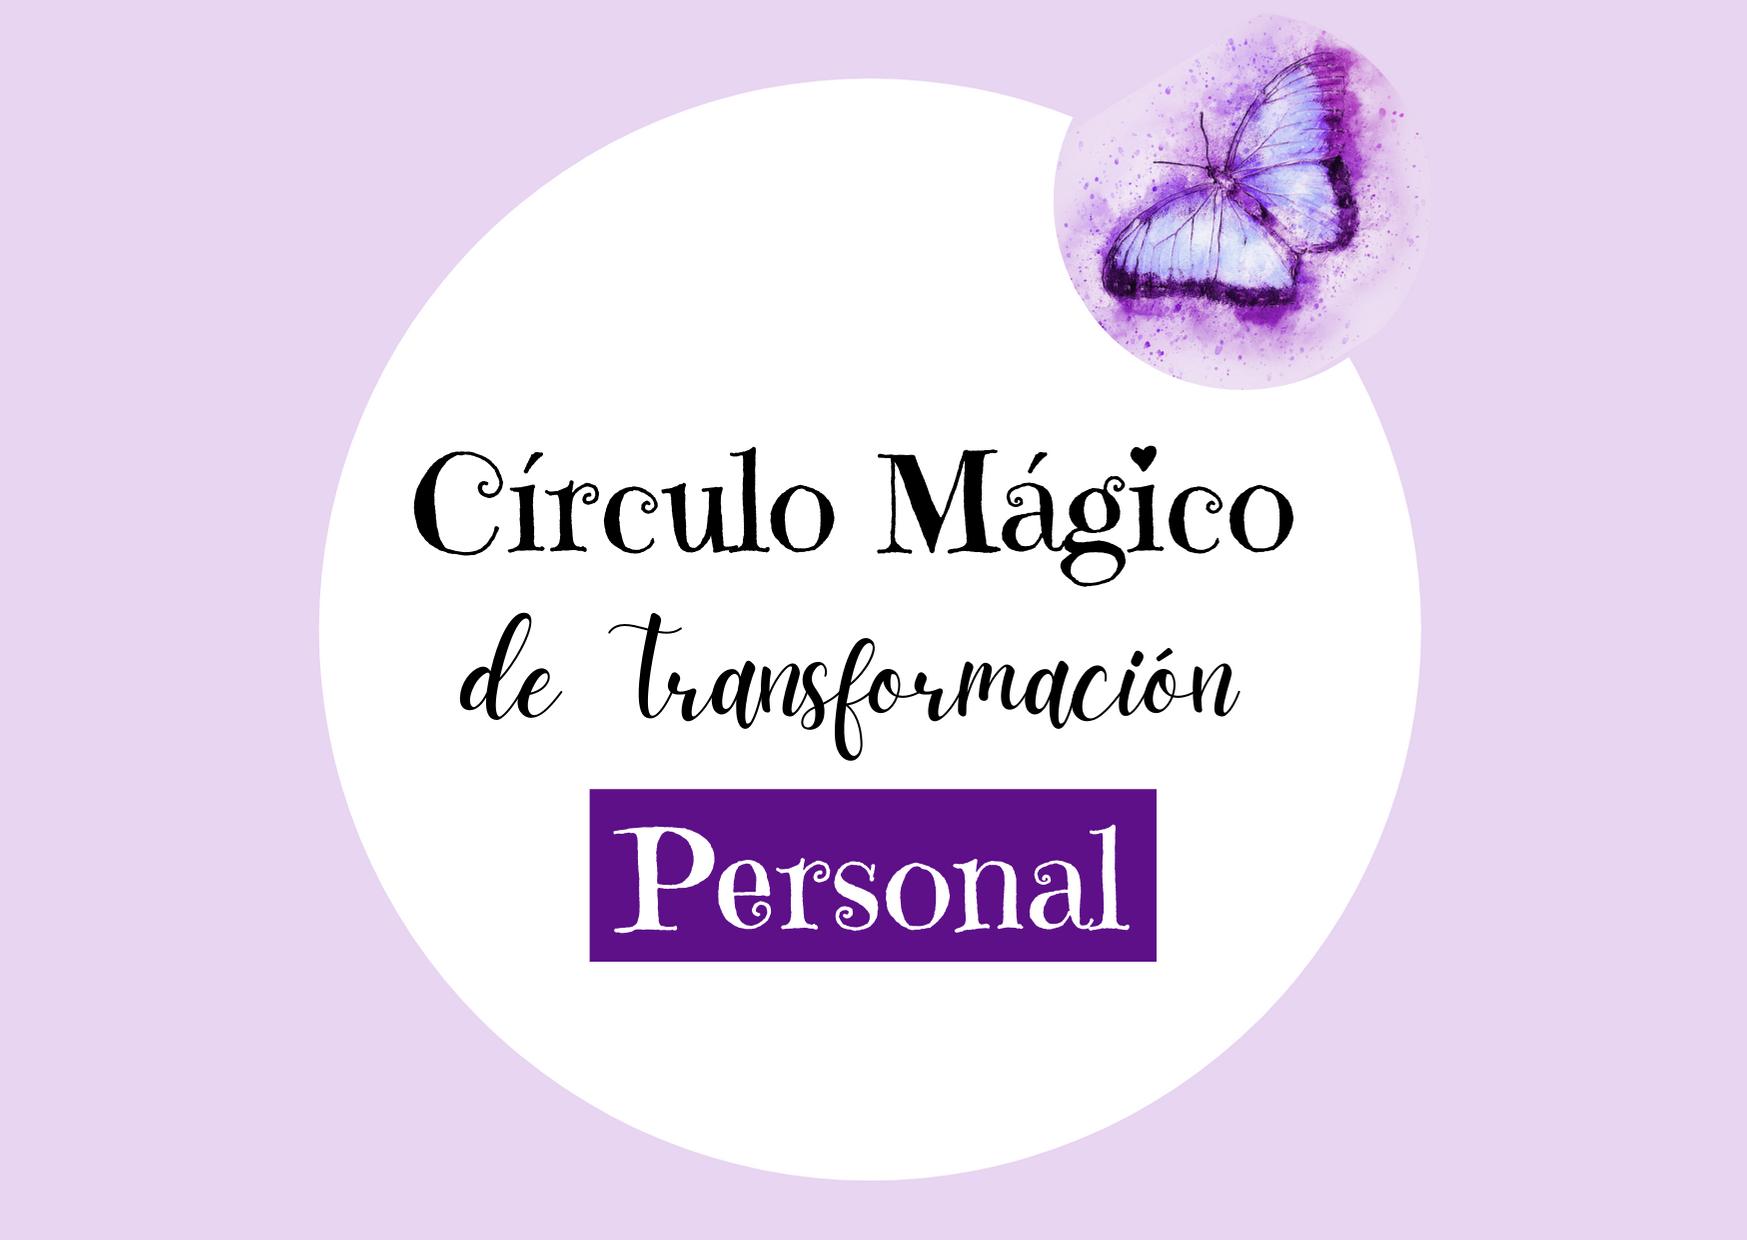 Círculo Mágico de Transformación Personal